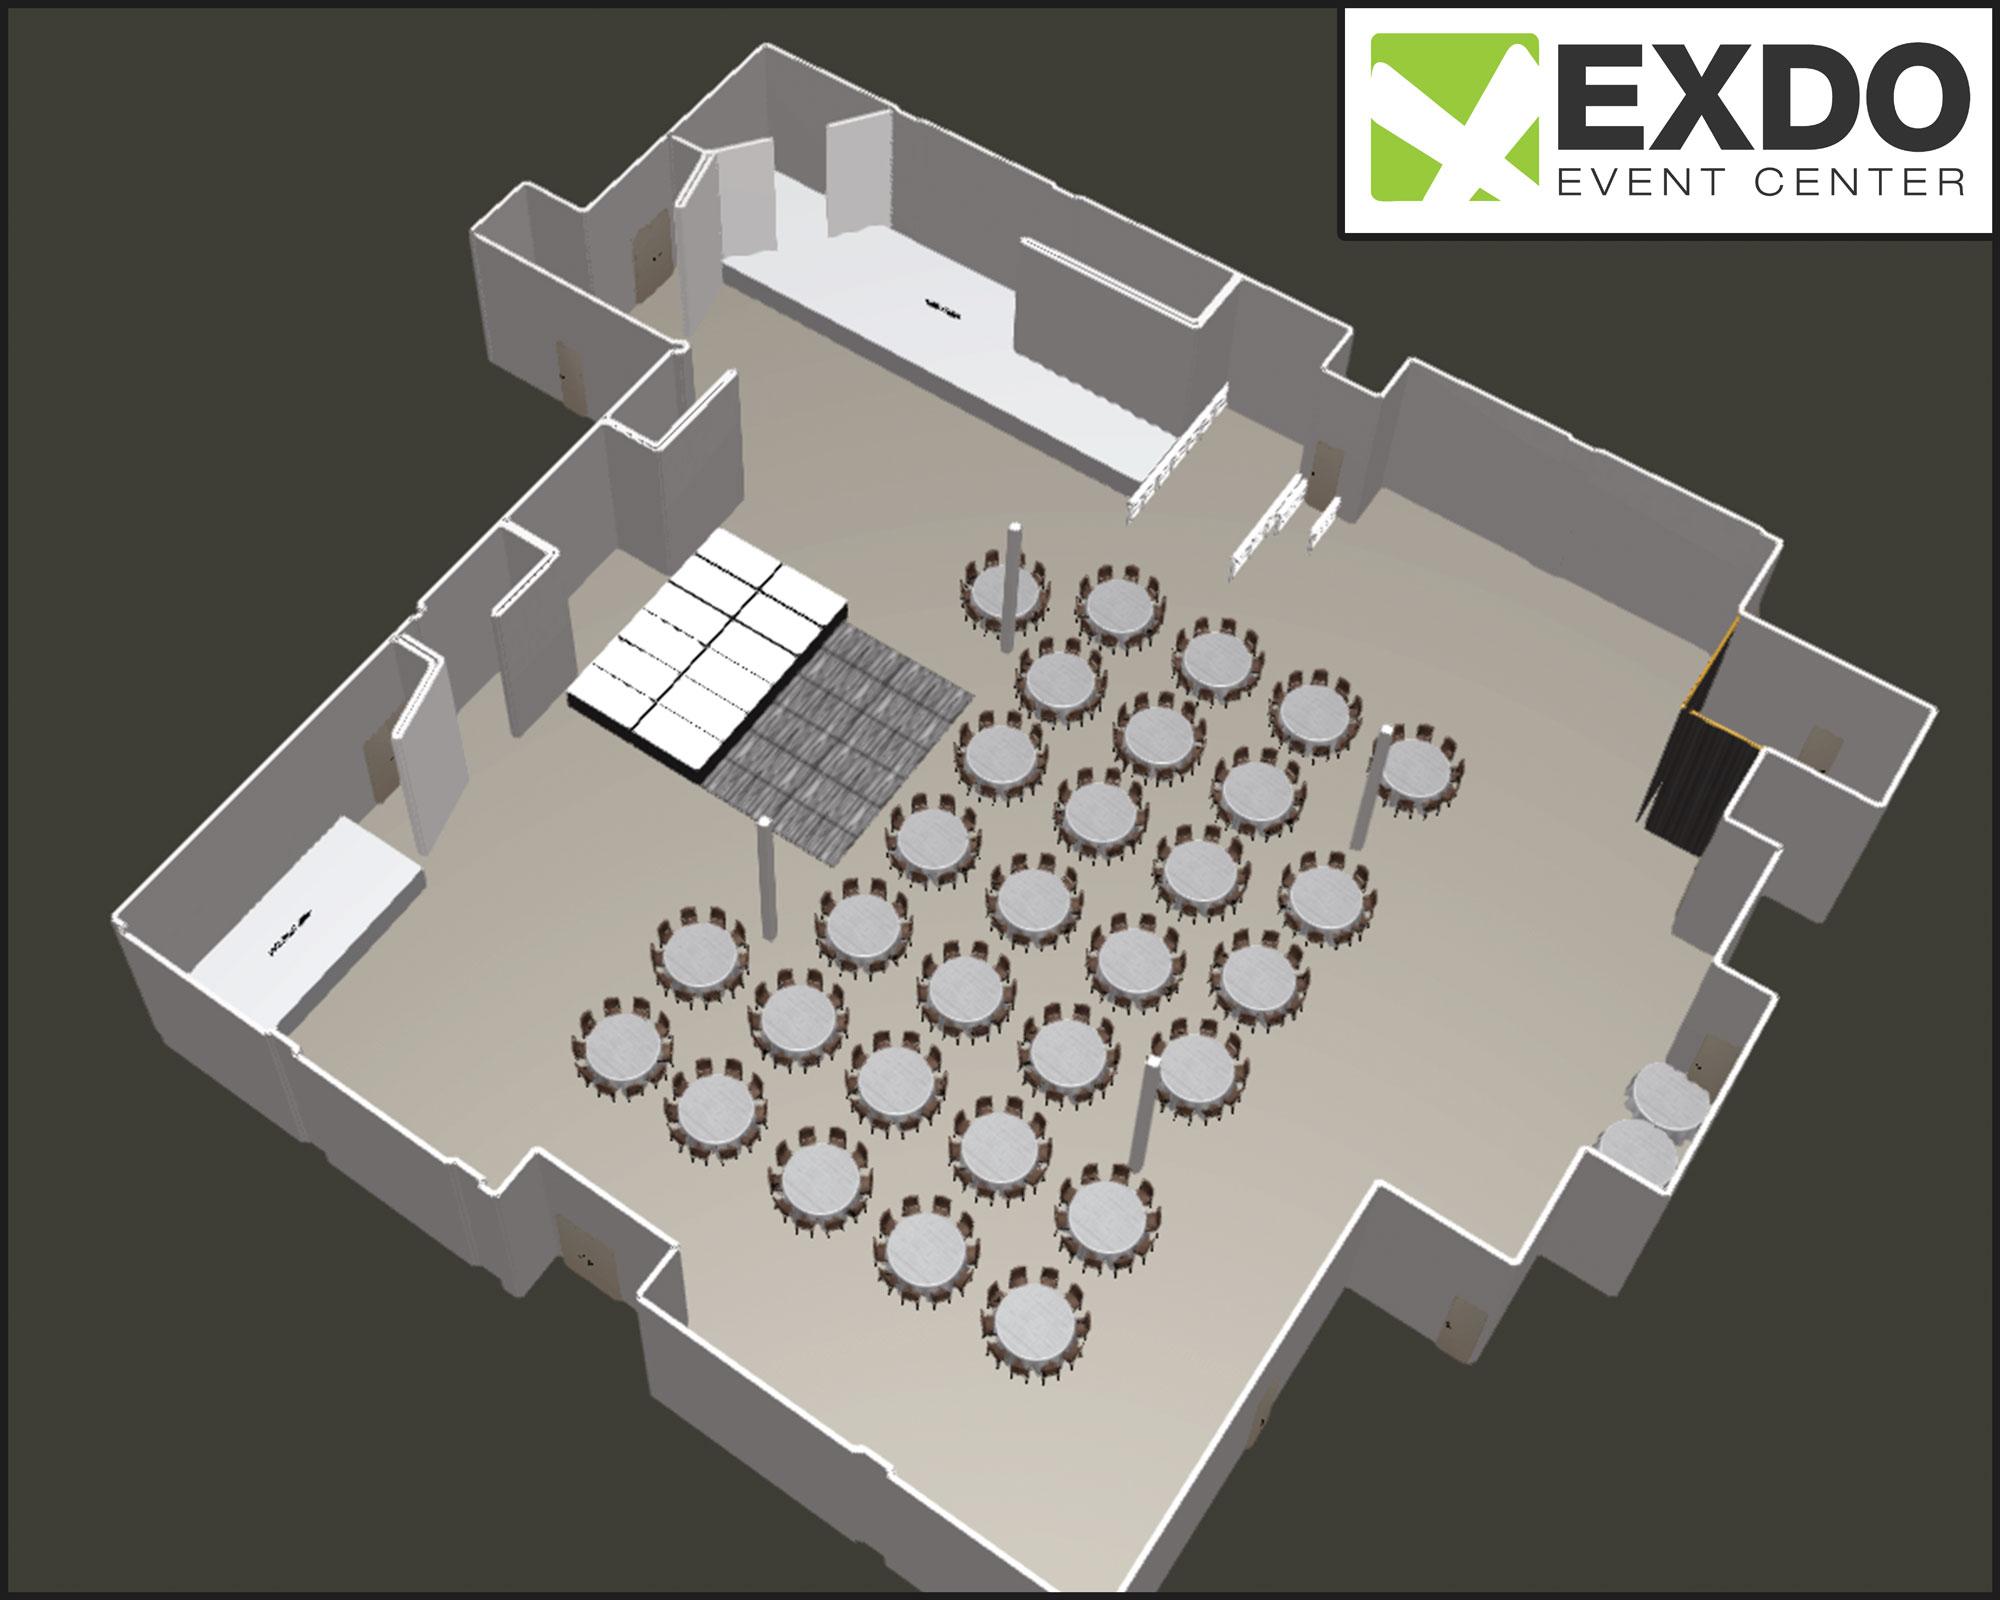 Sample Floor Plan Showcase Exdo Event Center Denver